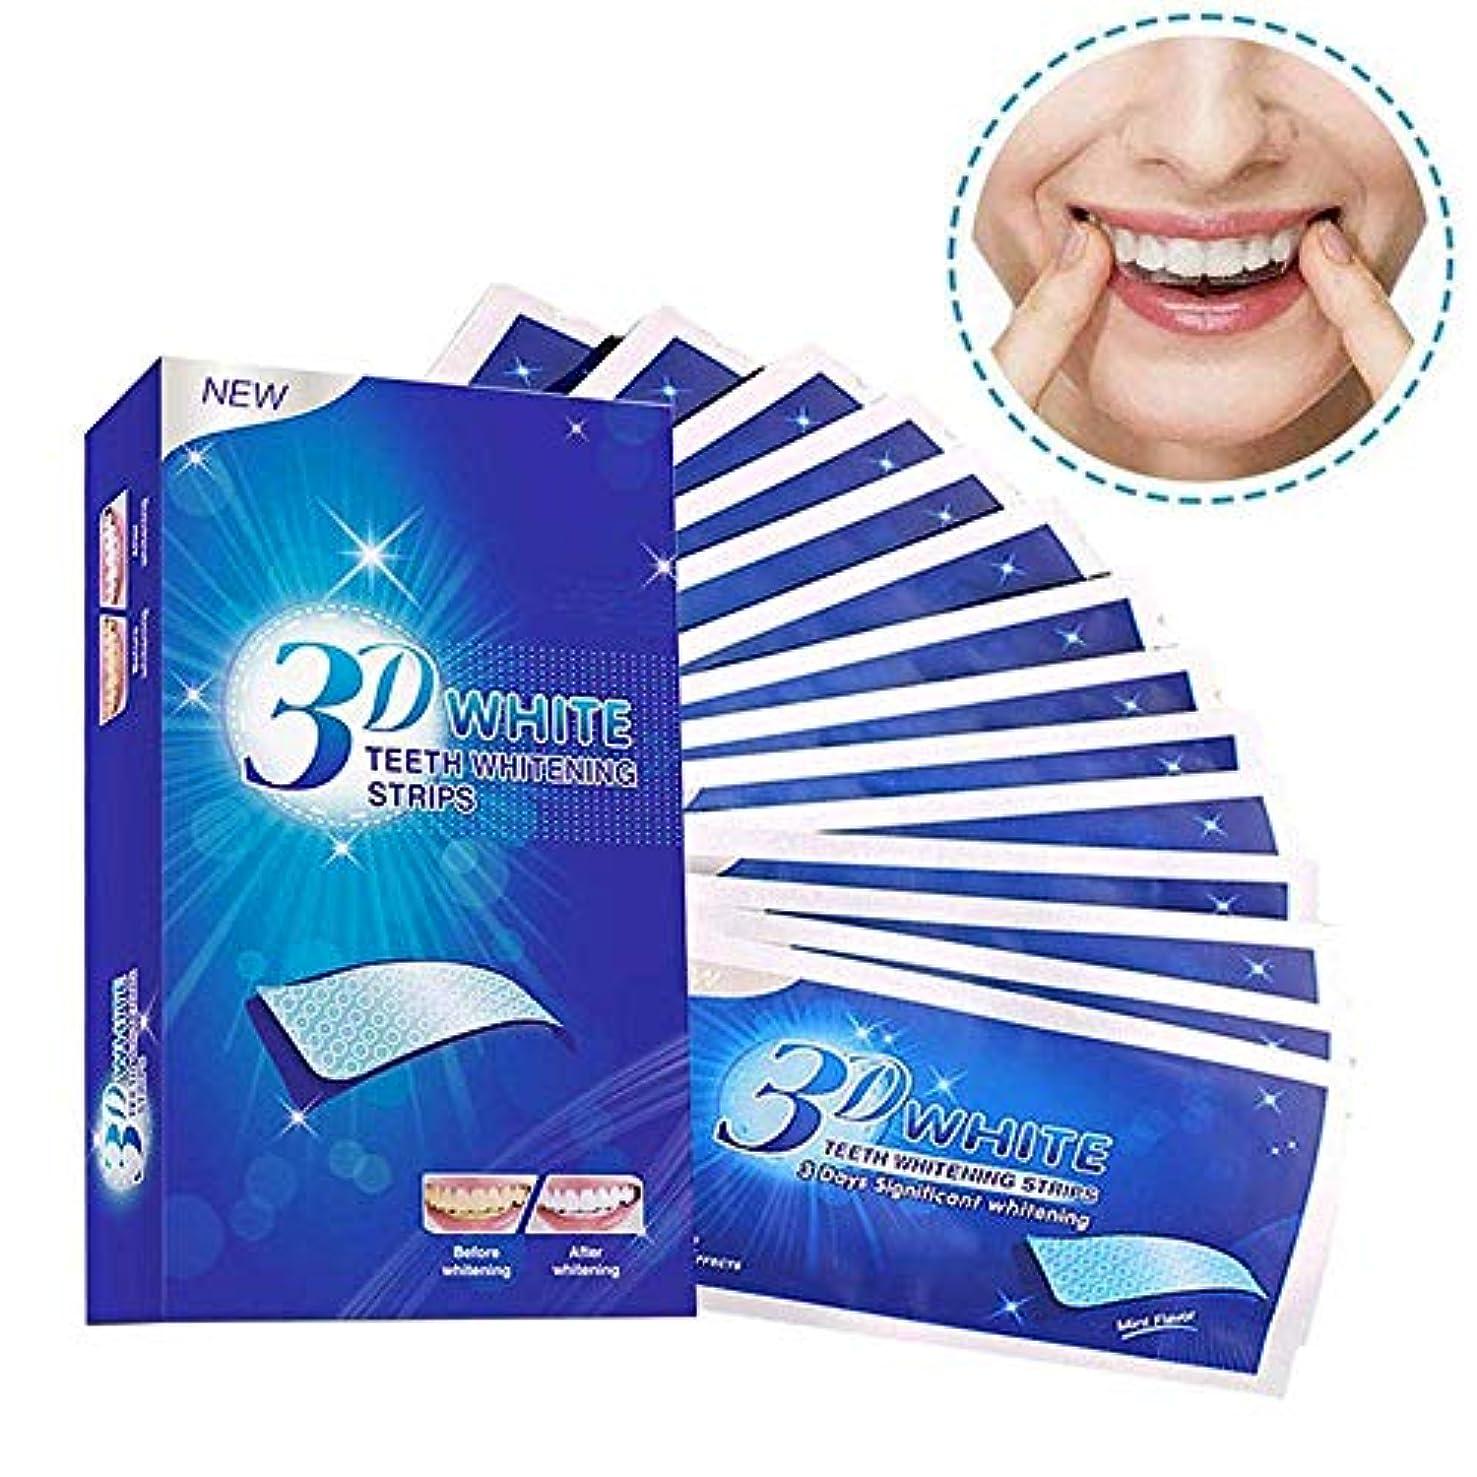 工場本気円形歯 美白 ホワイトニング マニキュア 歯ケア 歯のホワイトニング 美白歯磨き 歯を白 ホワイトニングテープ 歯を漂白 7セット/14枚 (7セット/14枚)